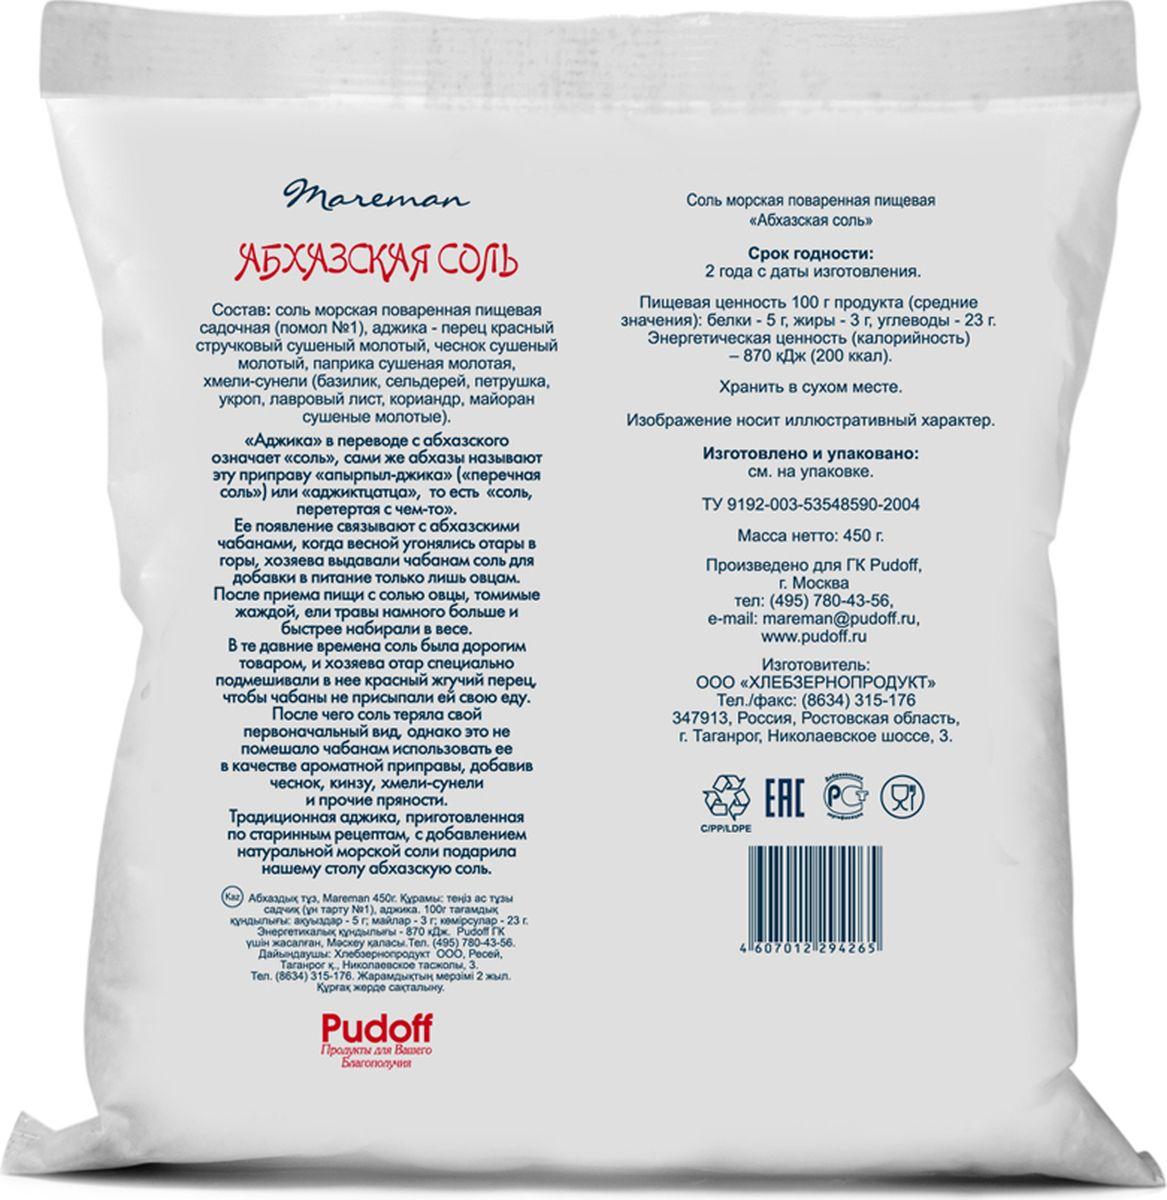 Абхазская соль рецепты